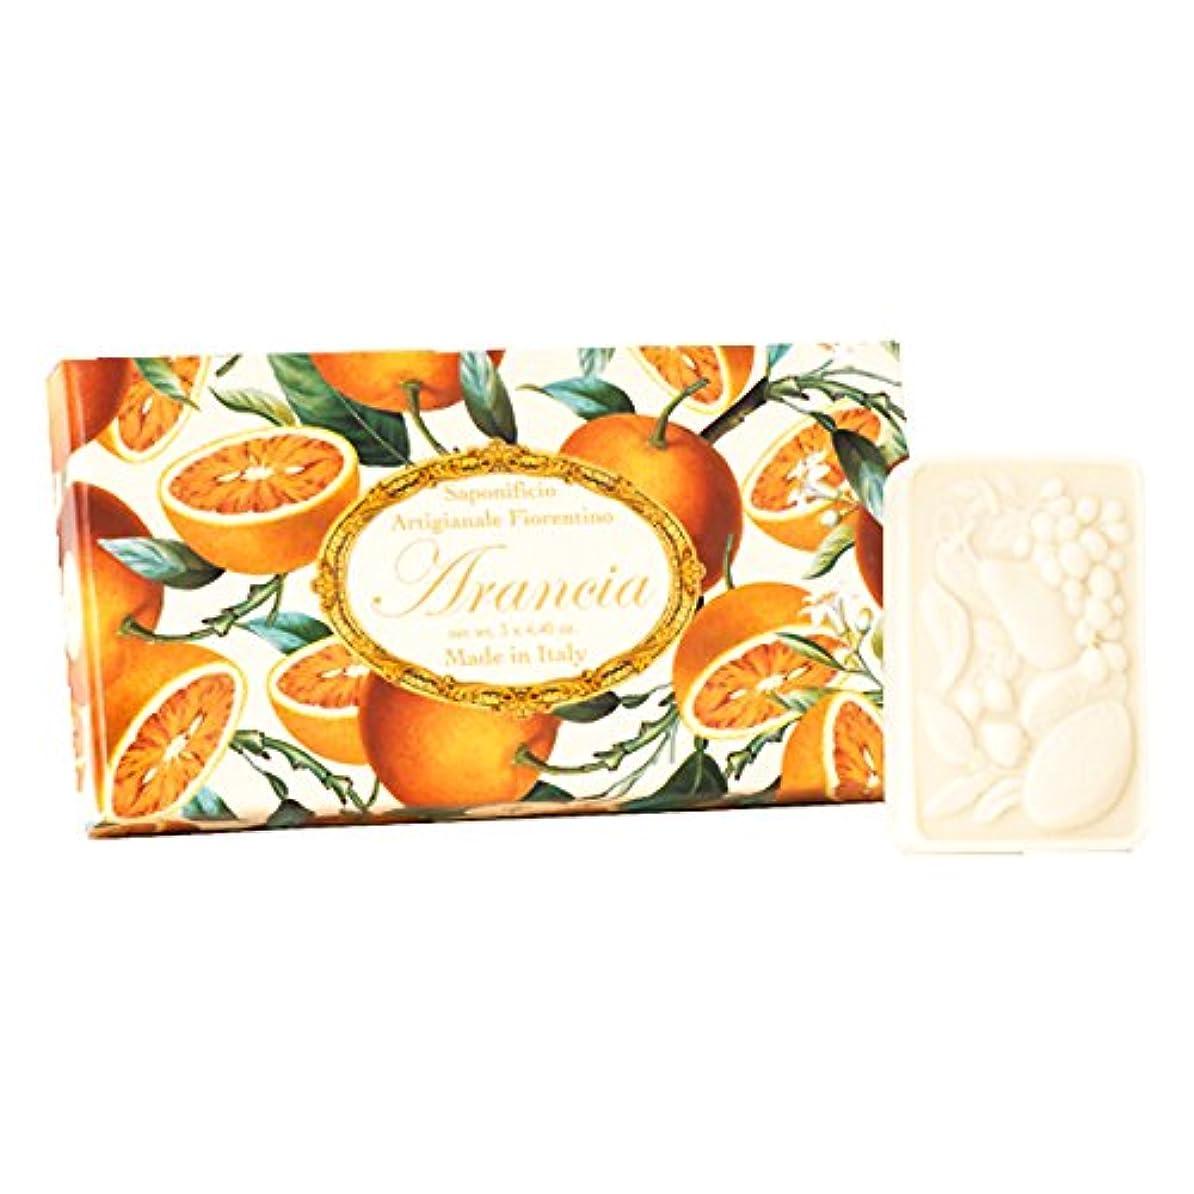 ポイントそれにもかかわらず断言するフィレンツェの 長い歴史から生まれたこだわり石鹸 オレンジ【刻印125g×3個セット】